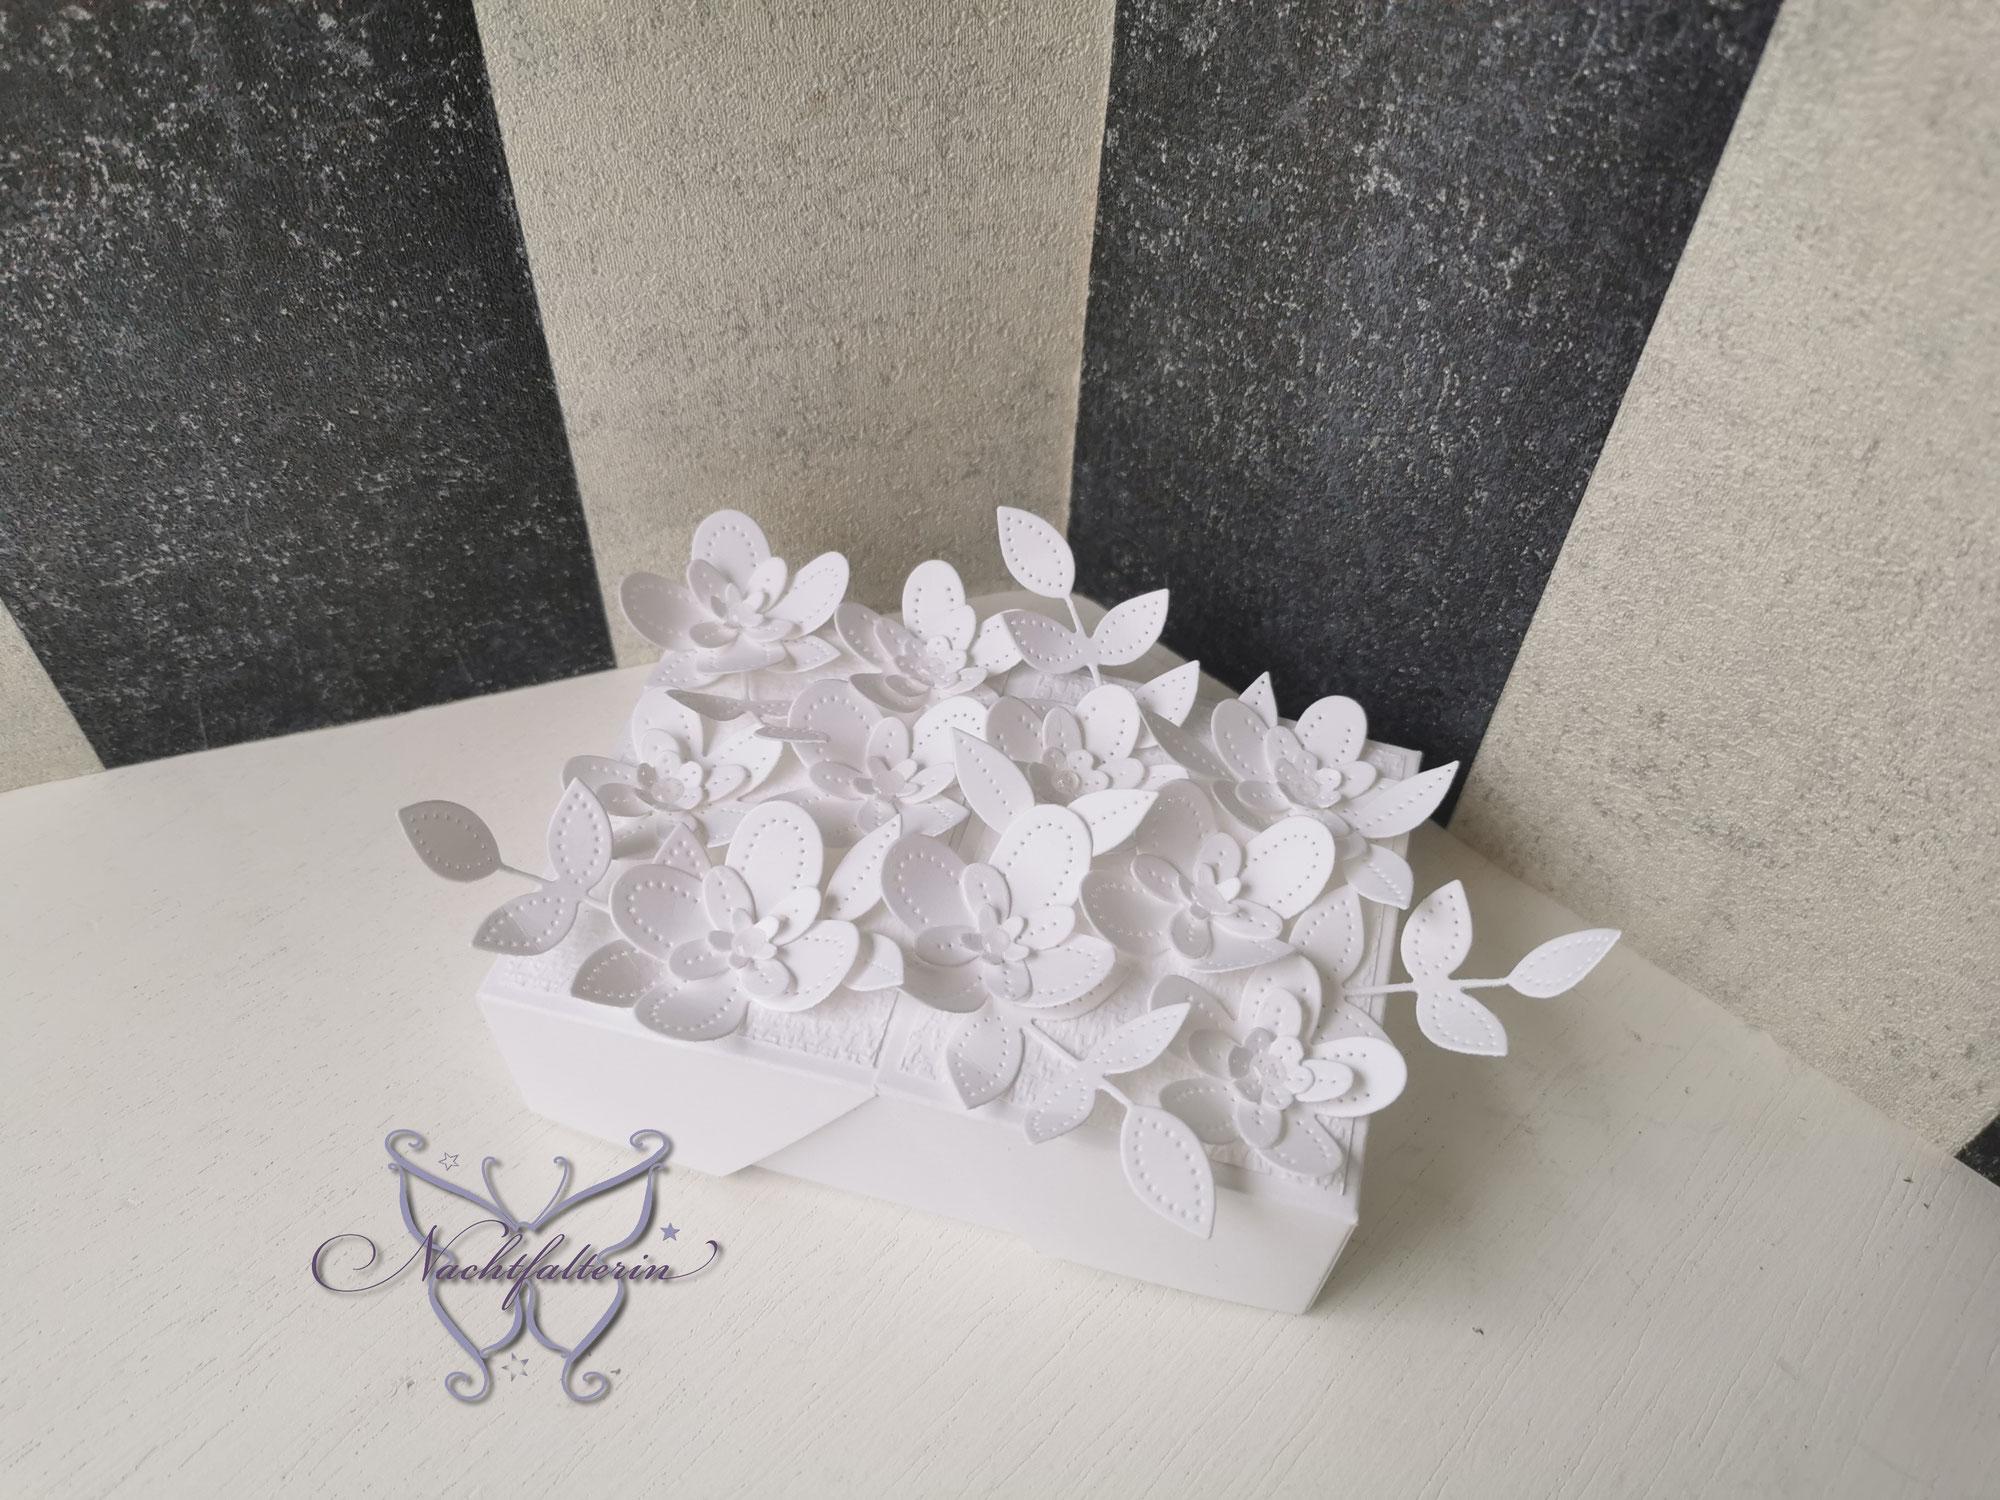 Verpackung perforierte Blumen